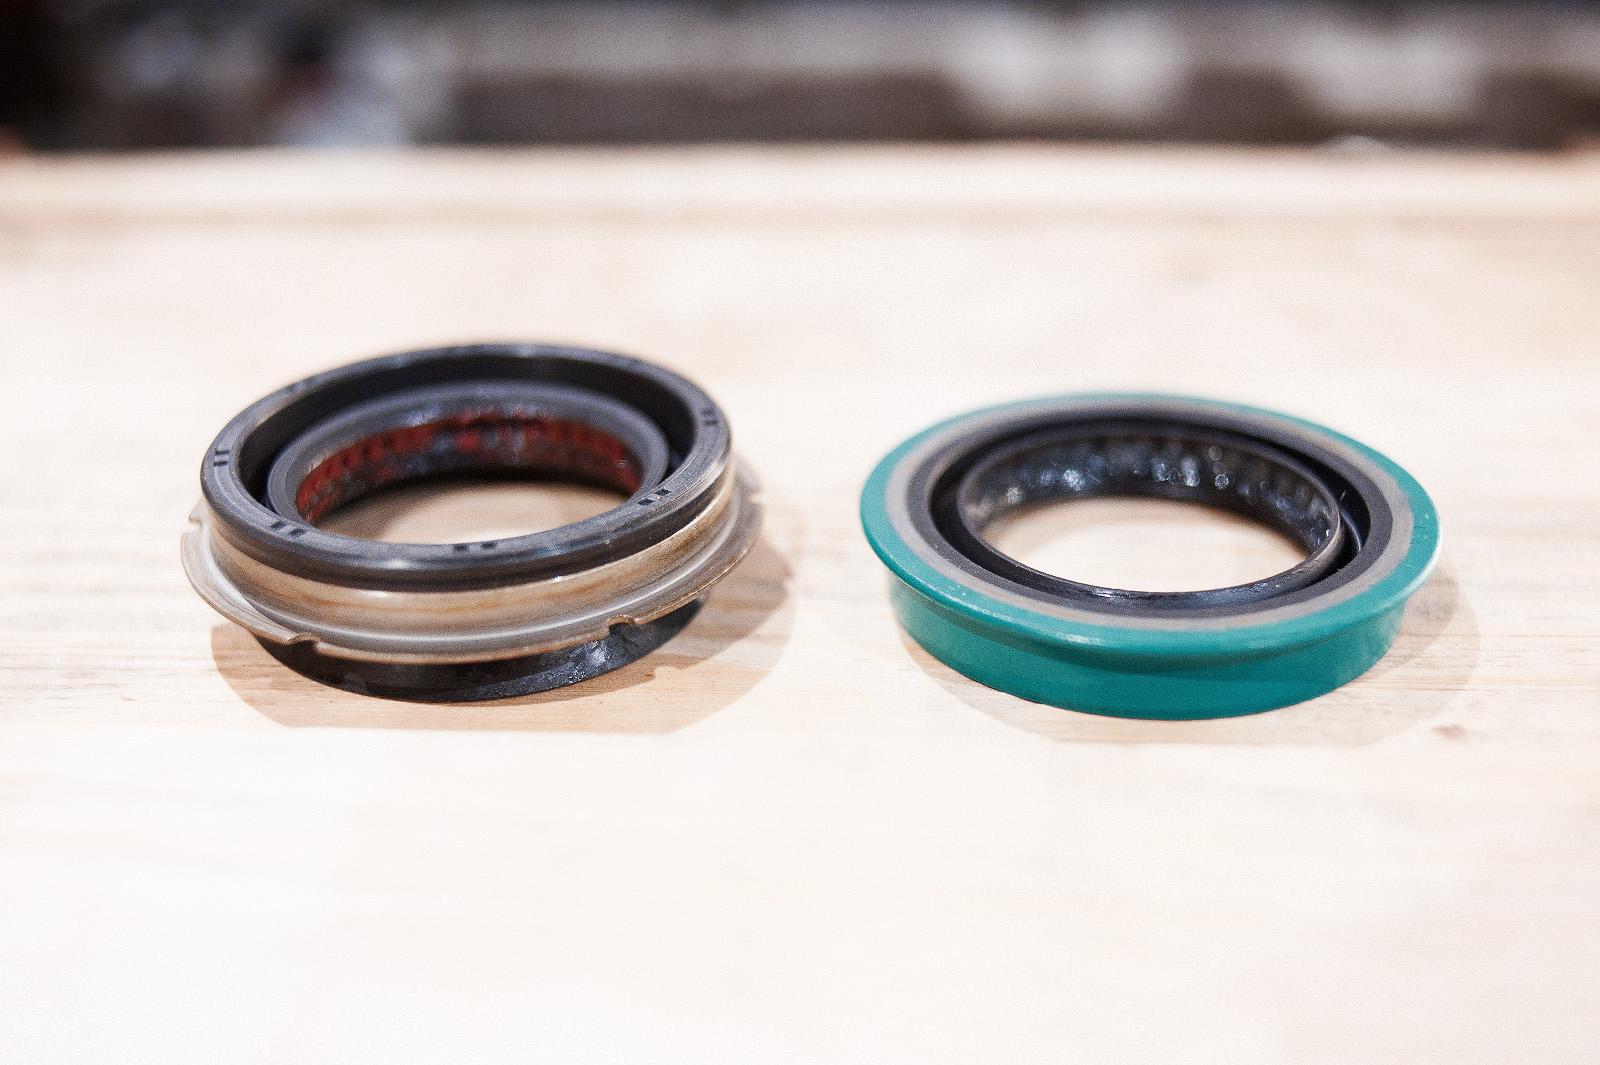 Оригинальный сальник правого привода обладает дополнительной защитой